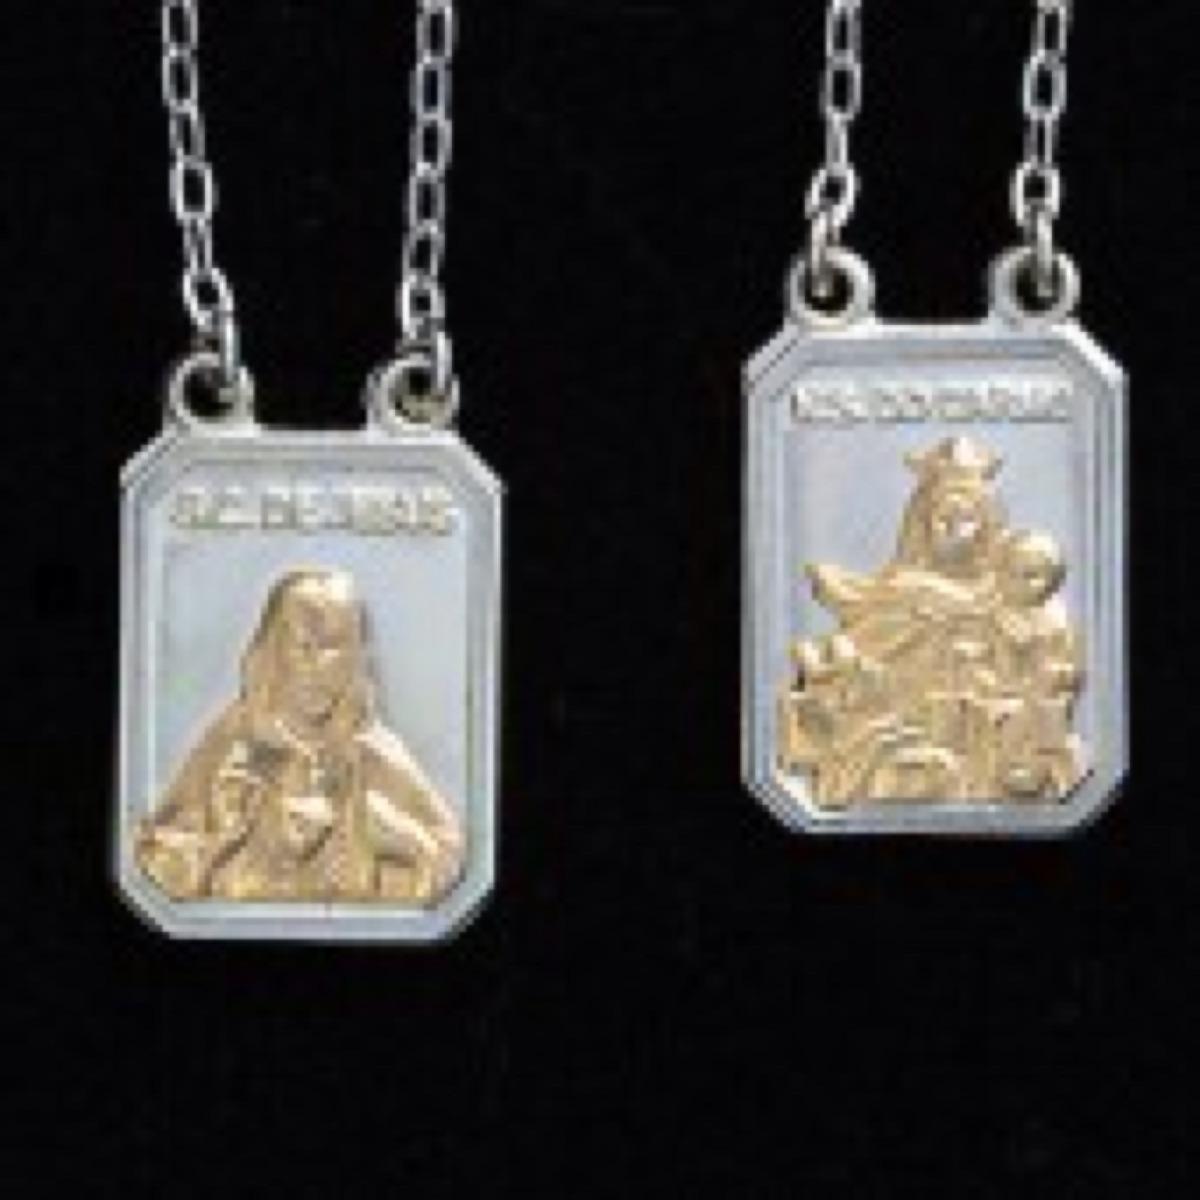 01e467a581f escapulário prata e ouro católico corrente jesus cristo. Carregando zoom.